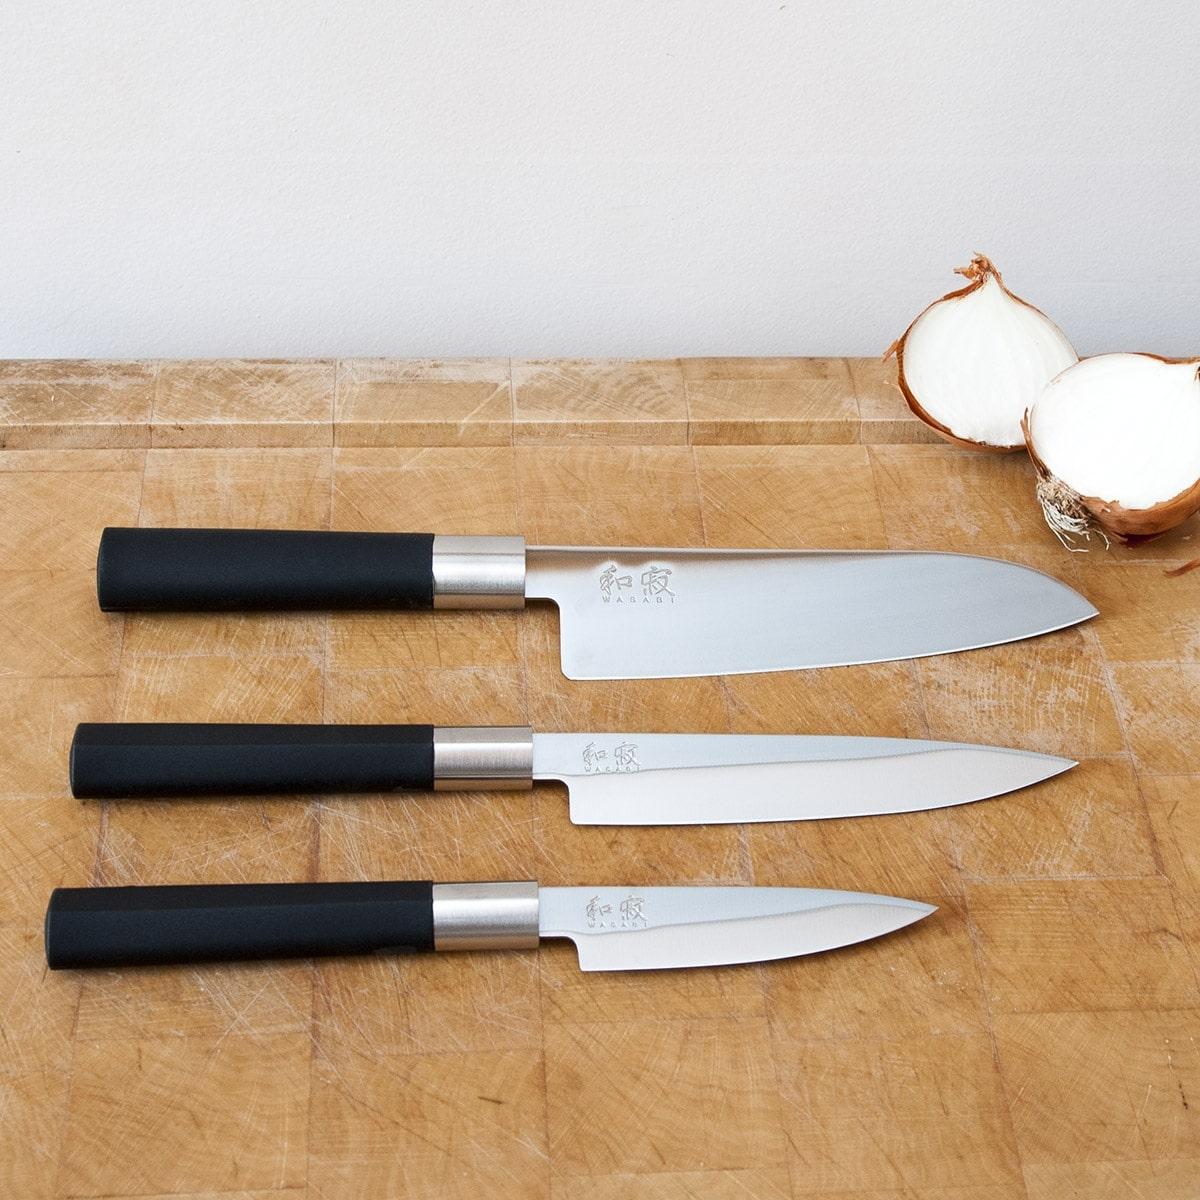 Les couteaux de chef